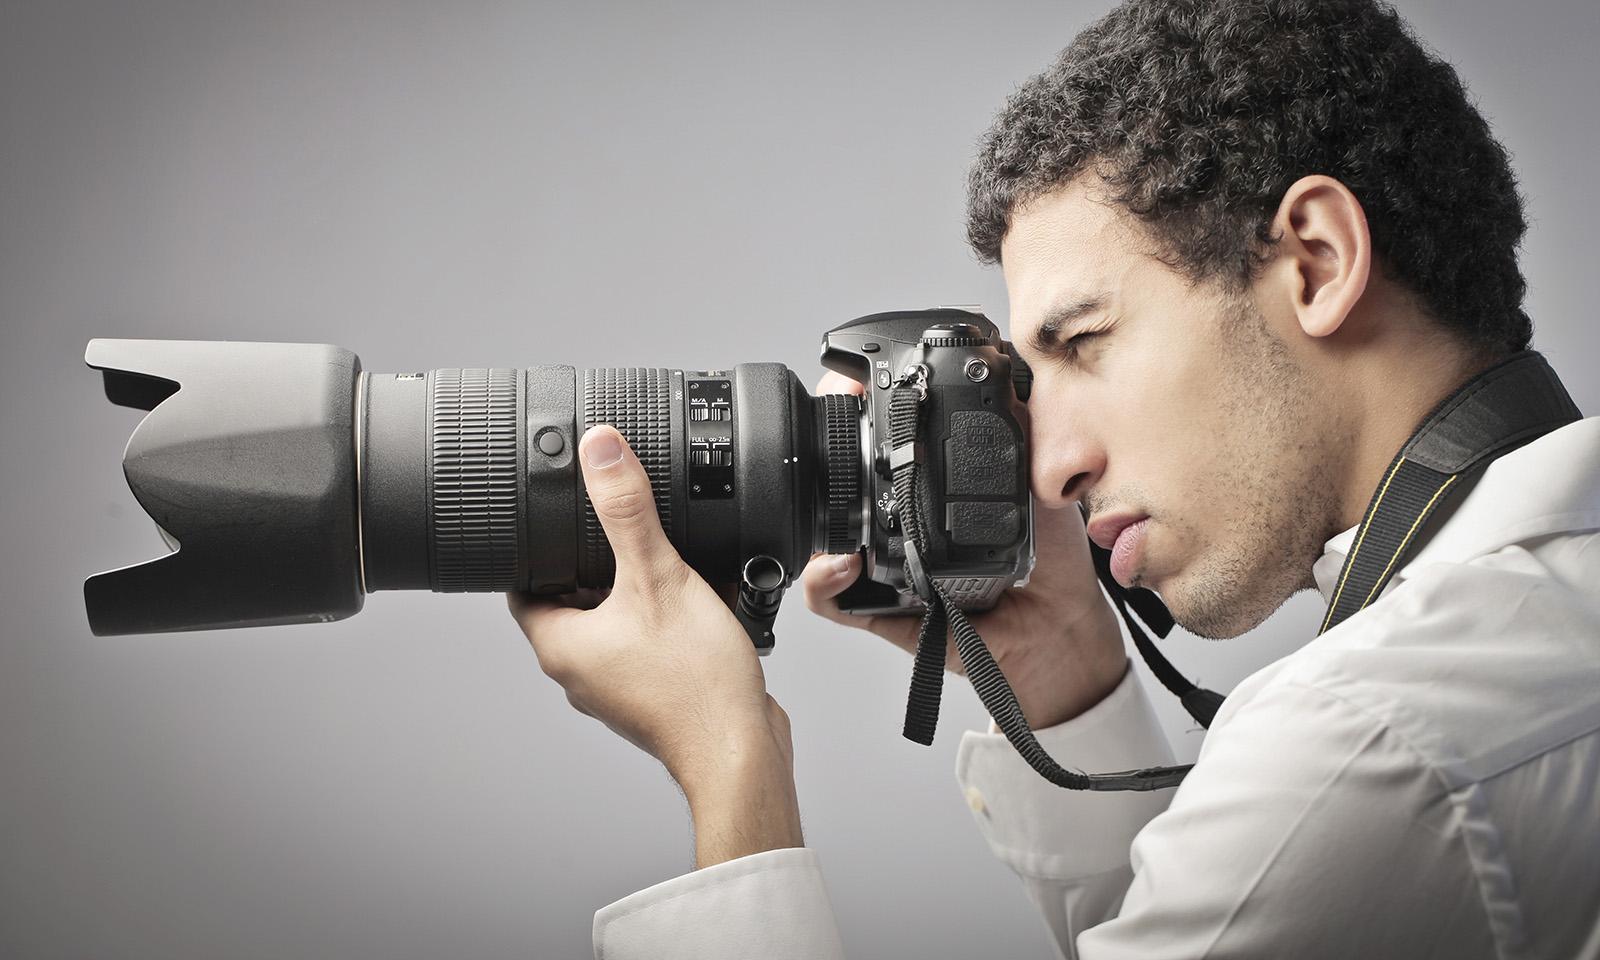 говоря, фотография профессиональная смотреть служат стильным